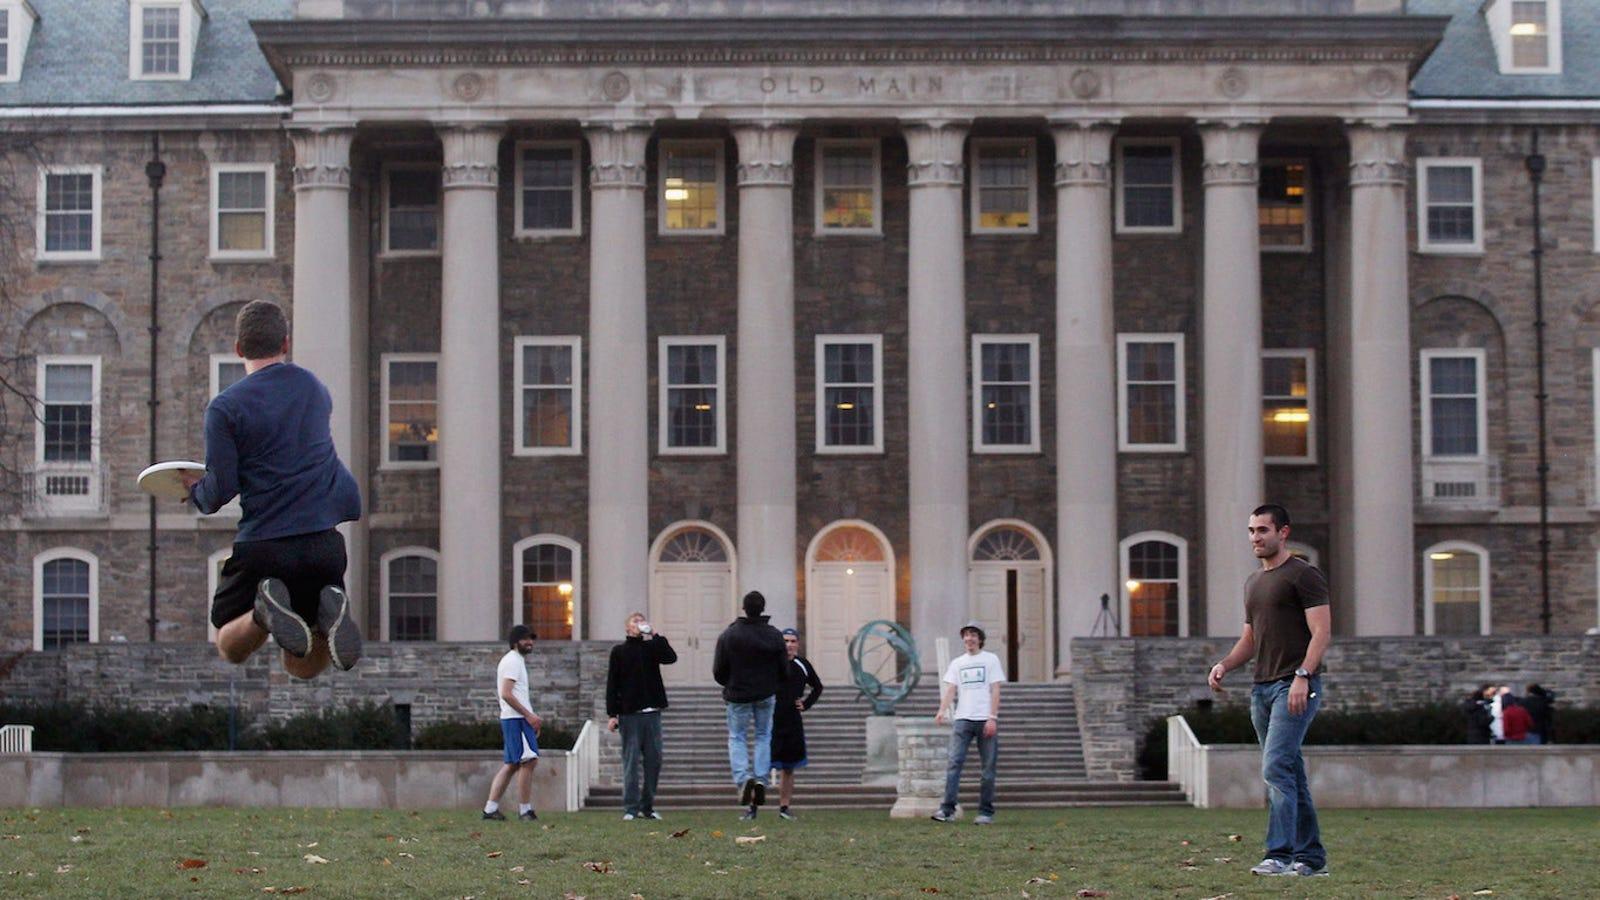 Pennsylvania ranks highest for student loan debt